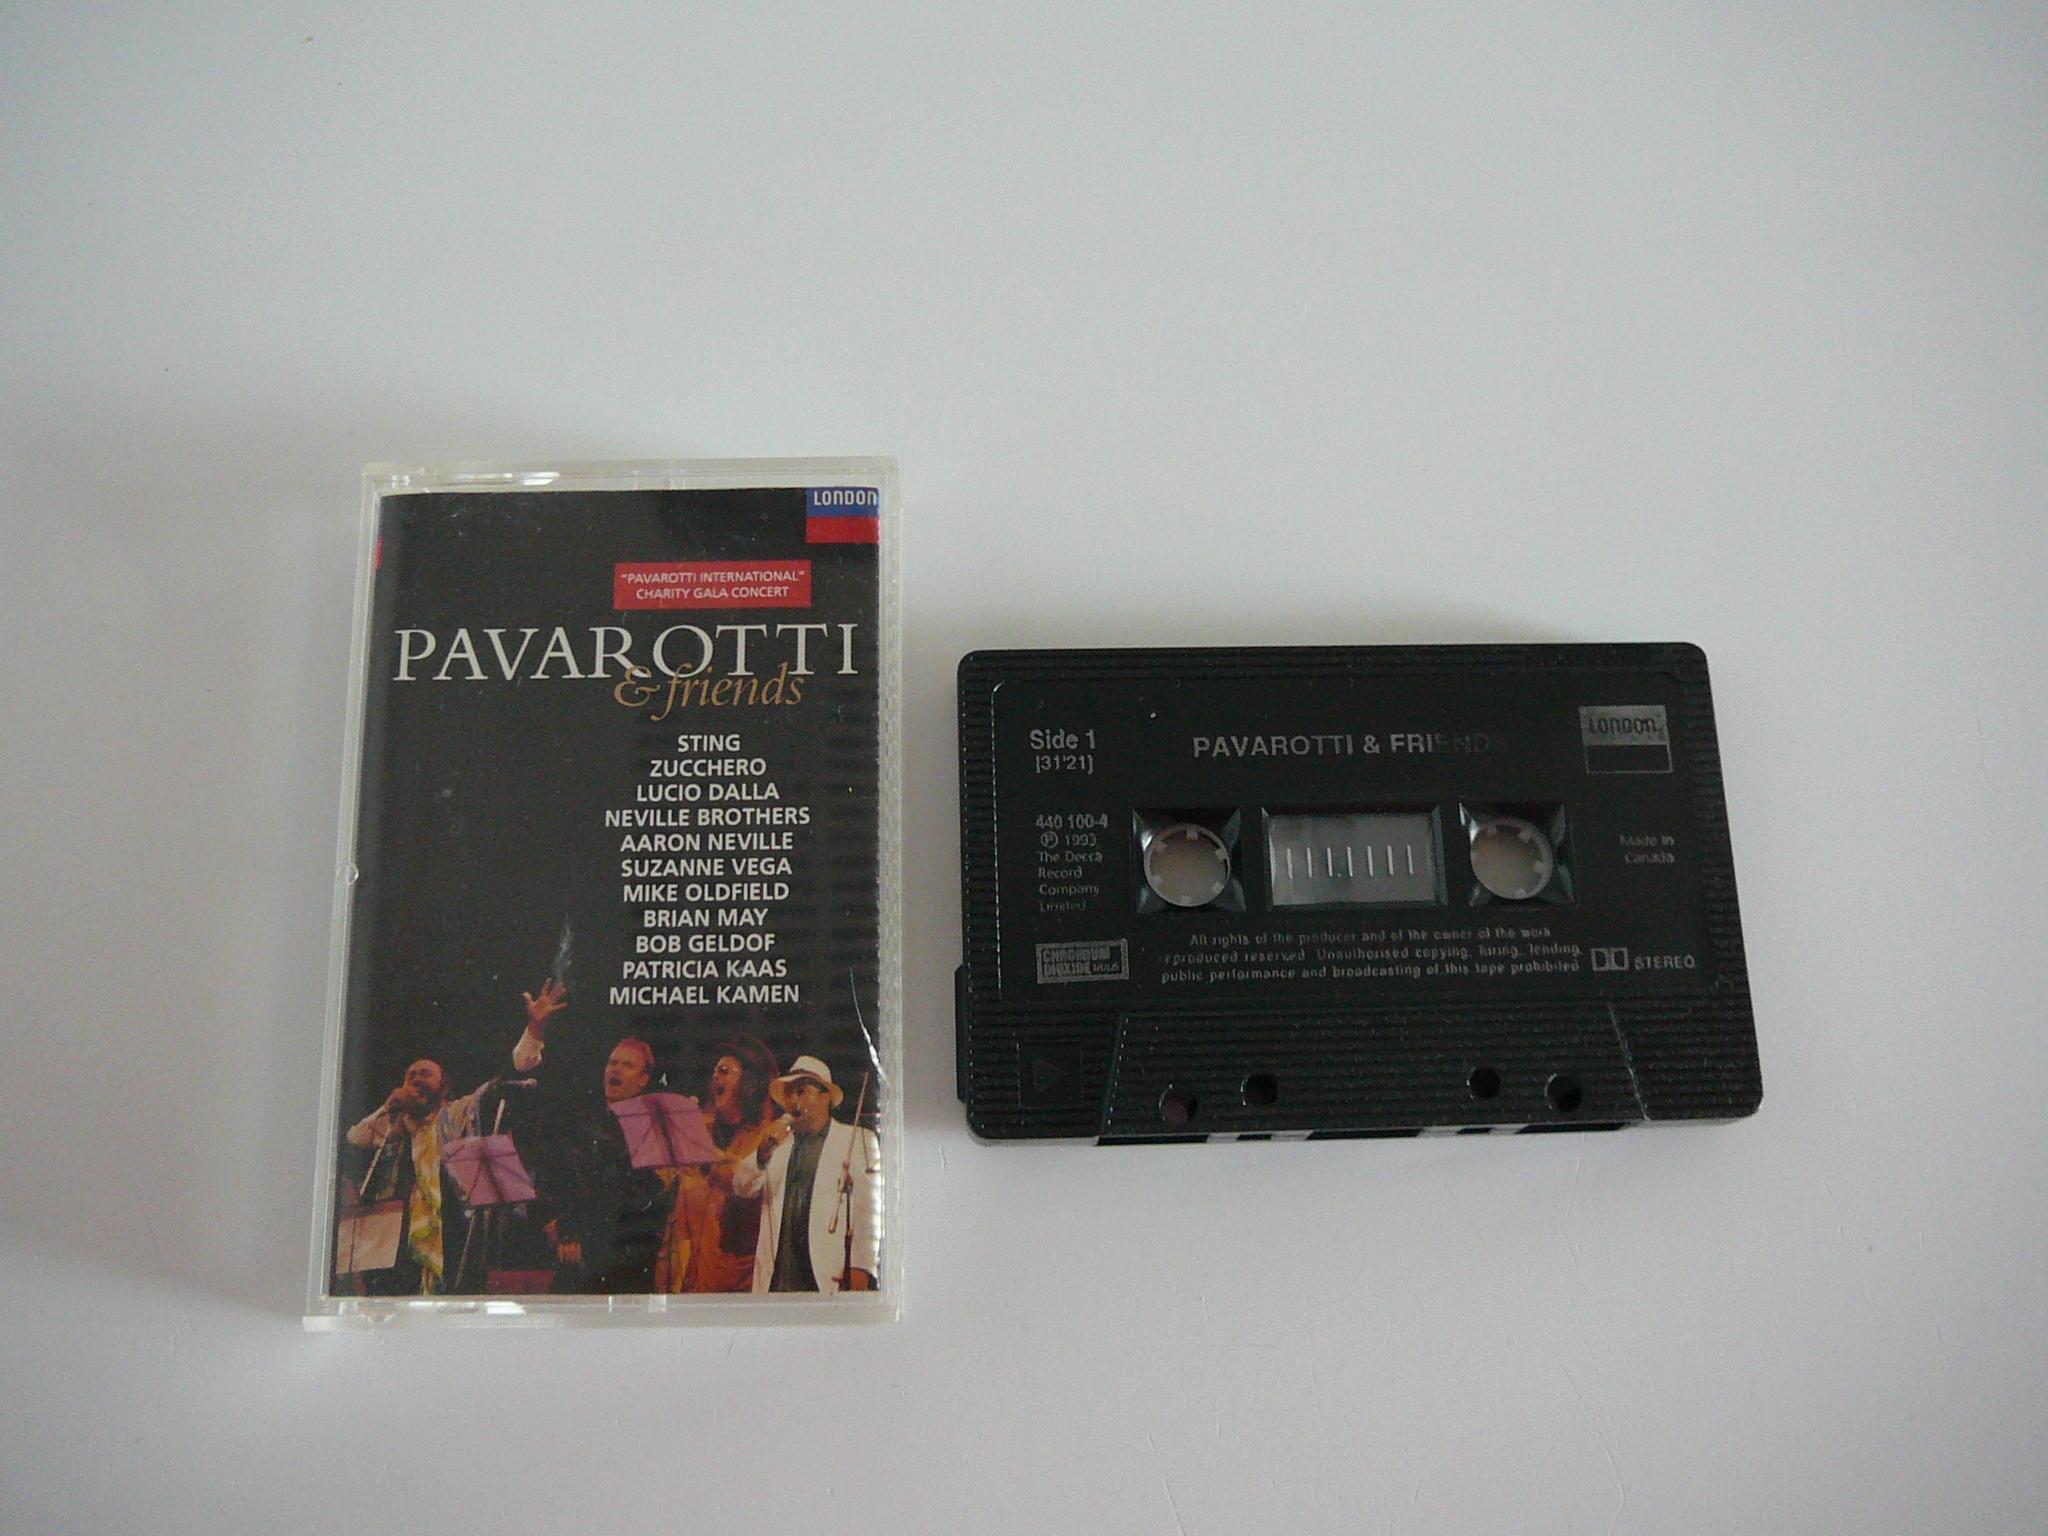 troc de troc cassette audio pavarotti & friends image 0